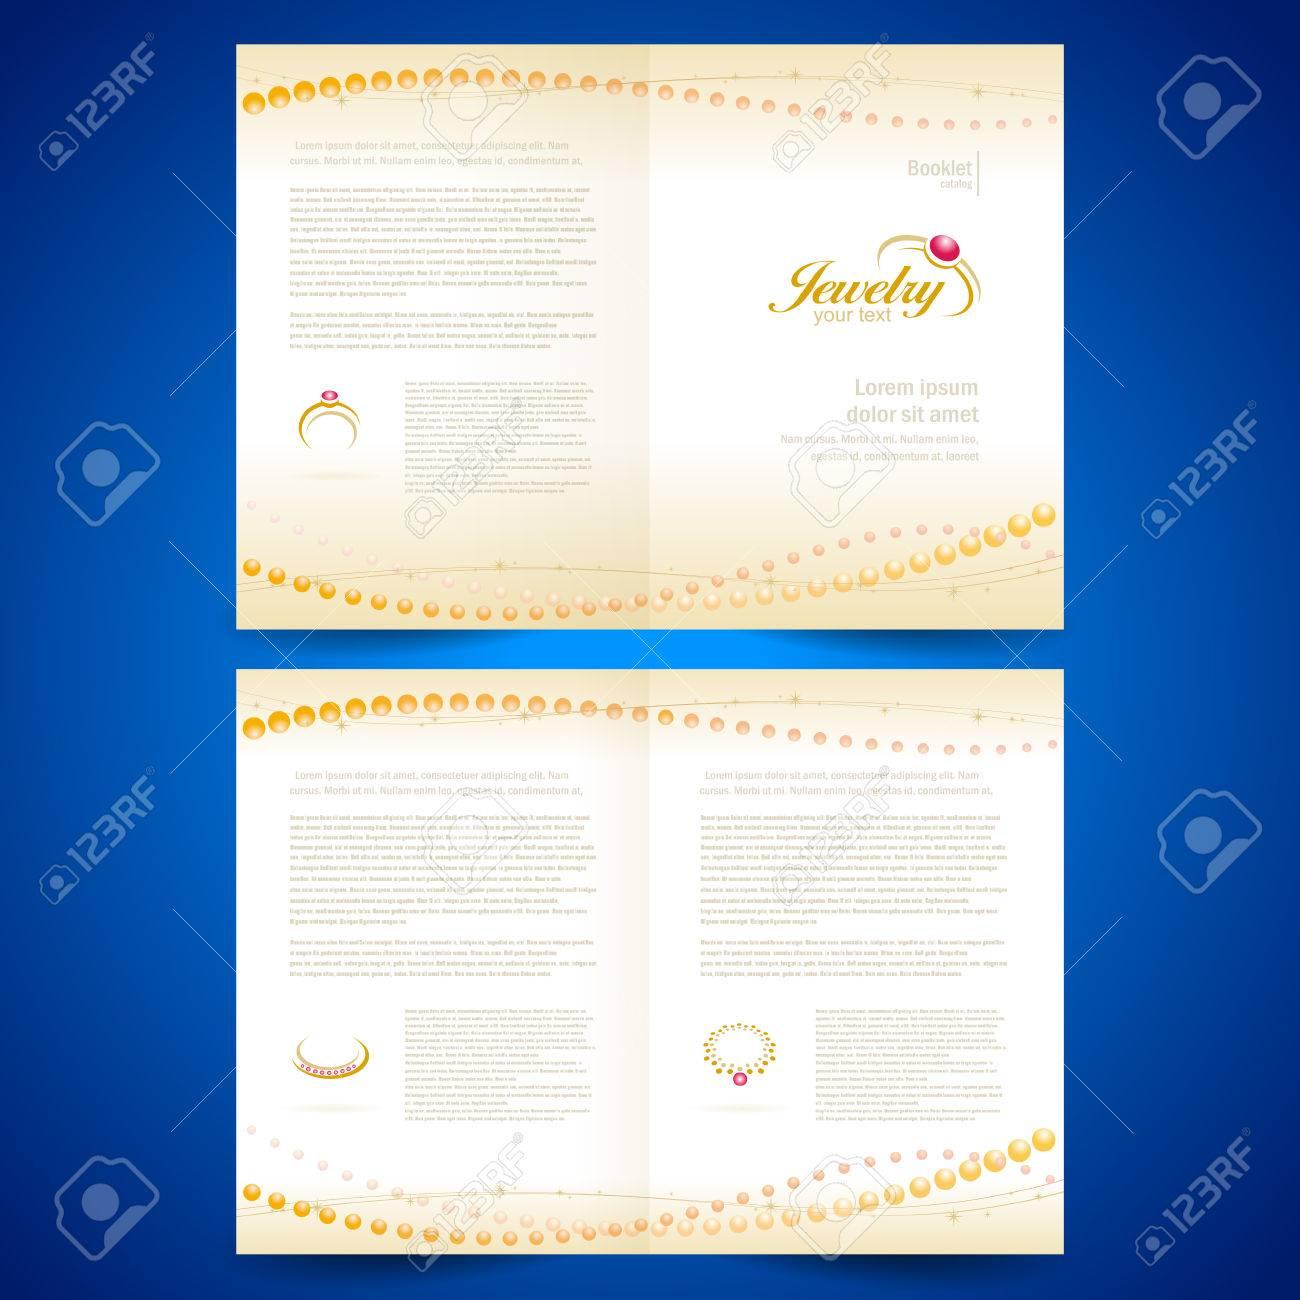 booklet catalog brochure folder jewelry bijouterie rings gold jewellery - 55381053